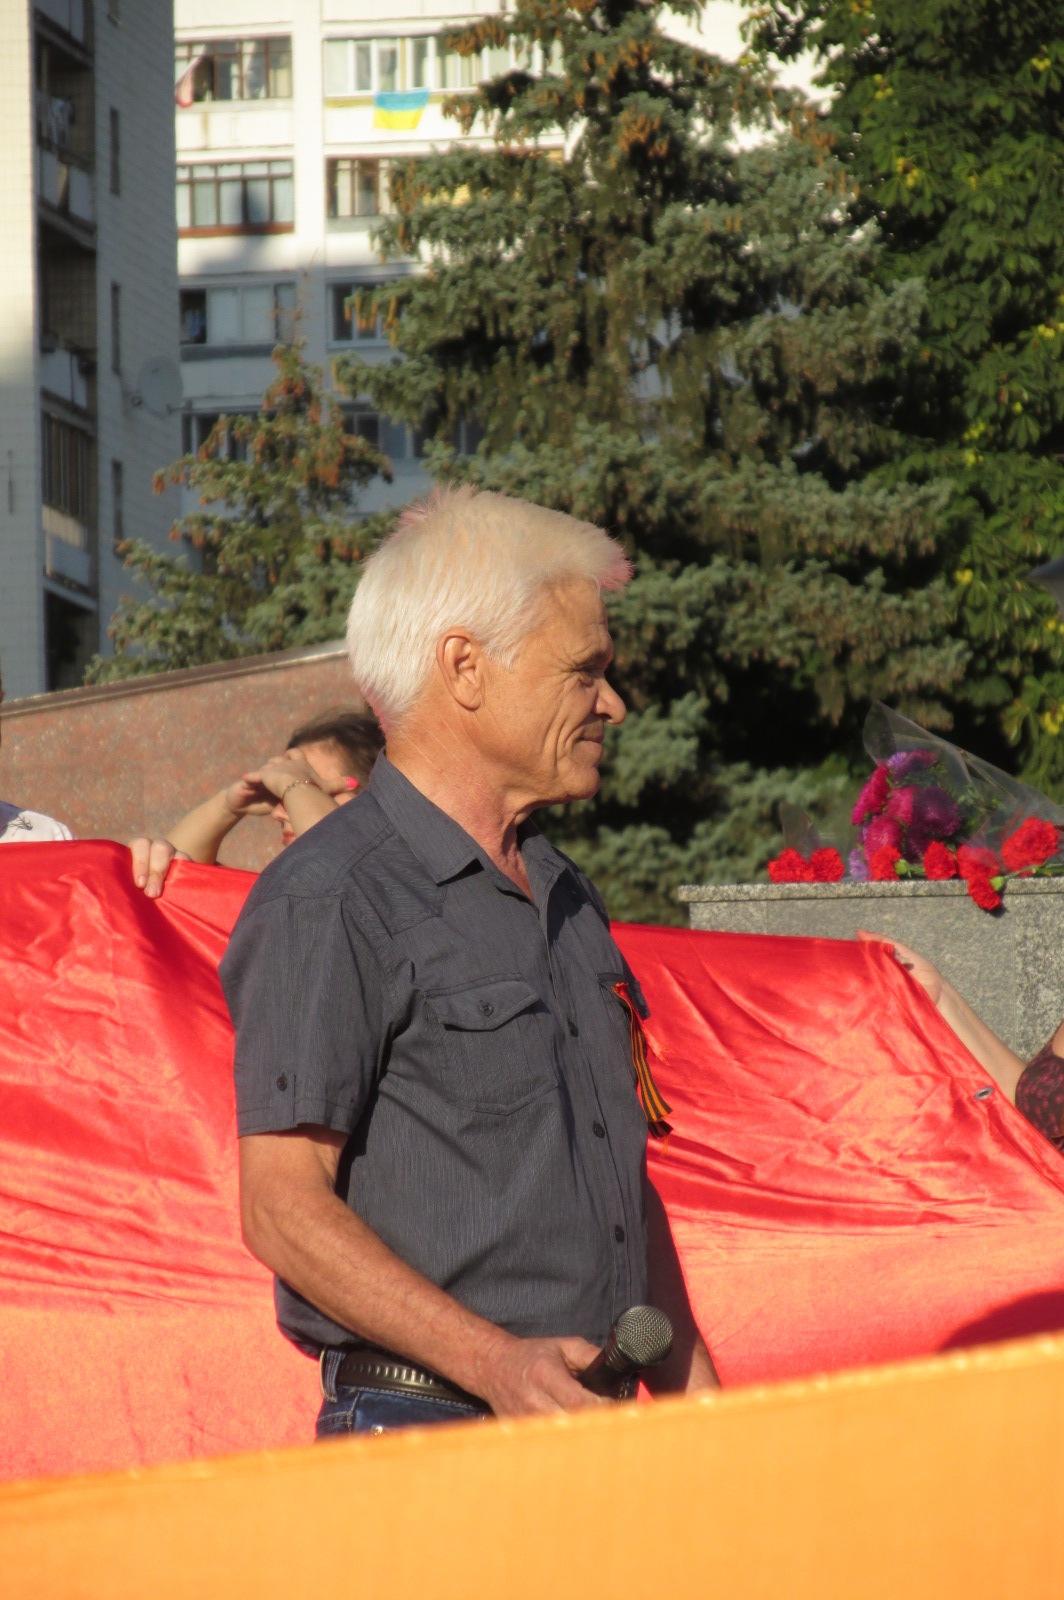 http://ic.pics.livejournal.com/mikle1/17791632/351273/351273_original.jpg